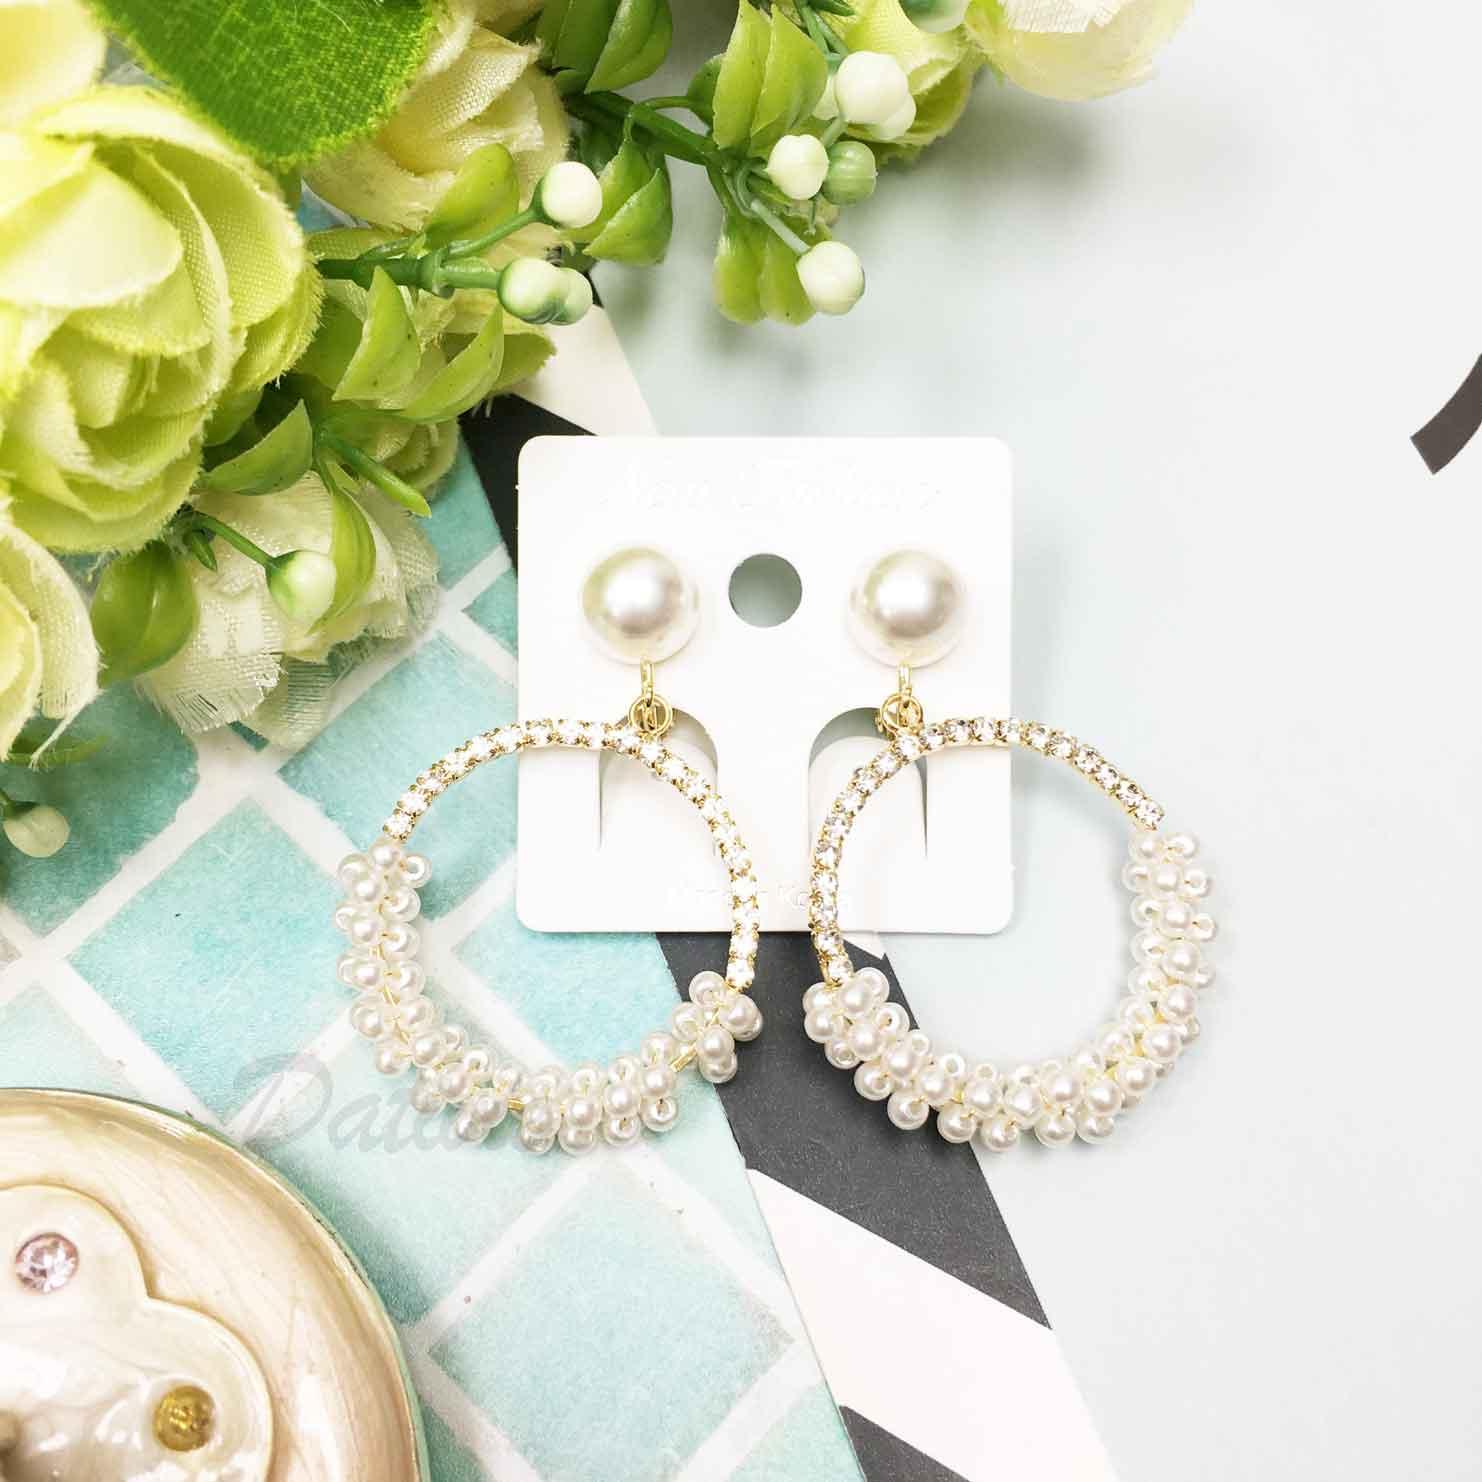 韓國 大圓 珍珠水鑽 歐美風 氣質可愛 簡約 百搭夾式耳環